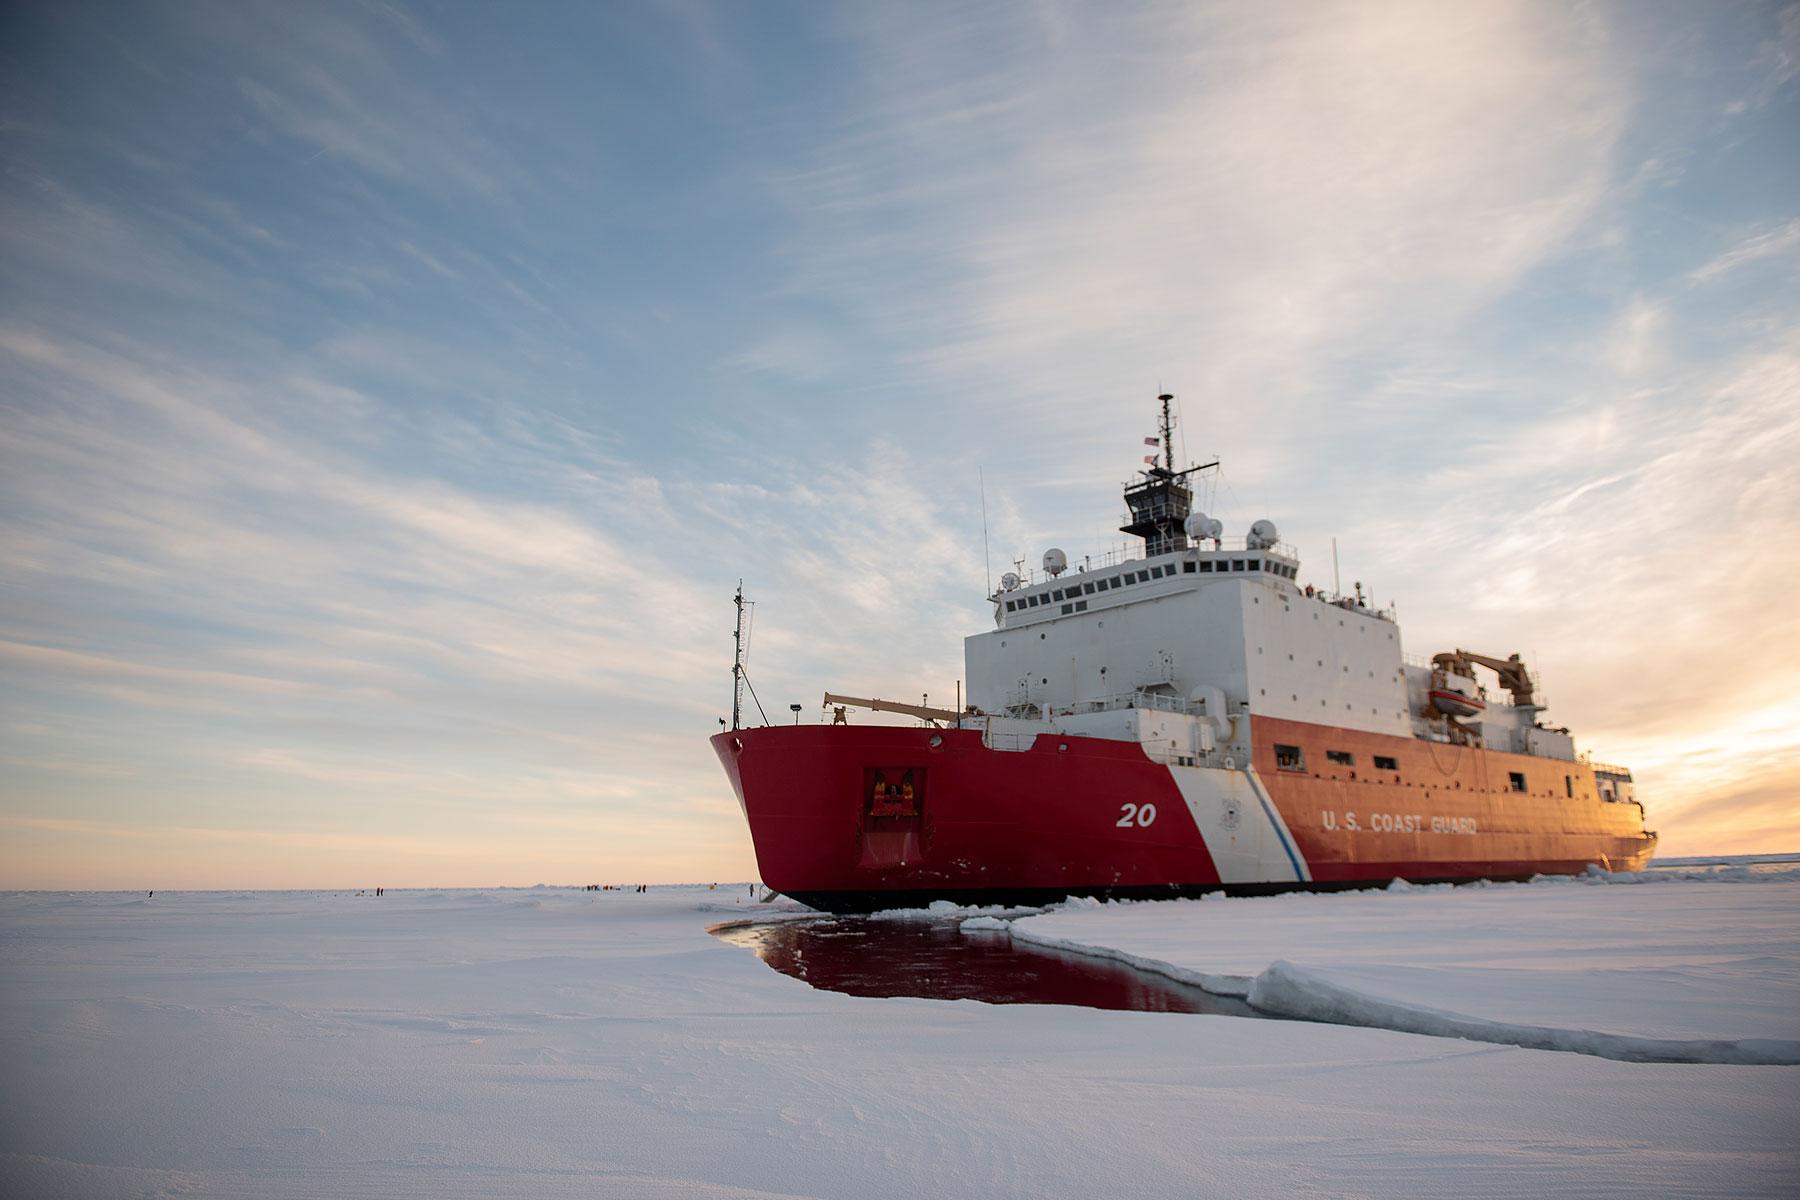 coast guard icebreaker crew completes second arctic